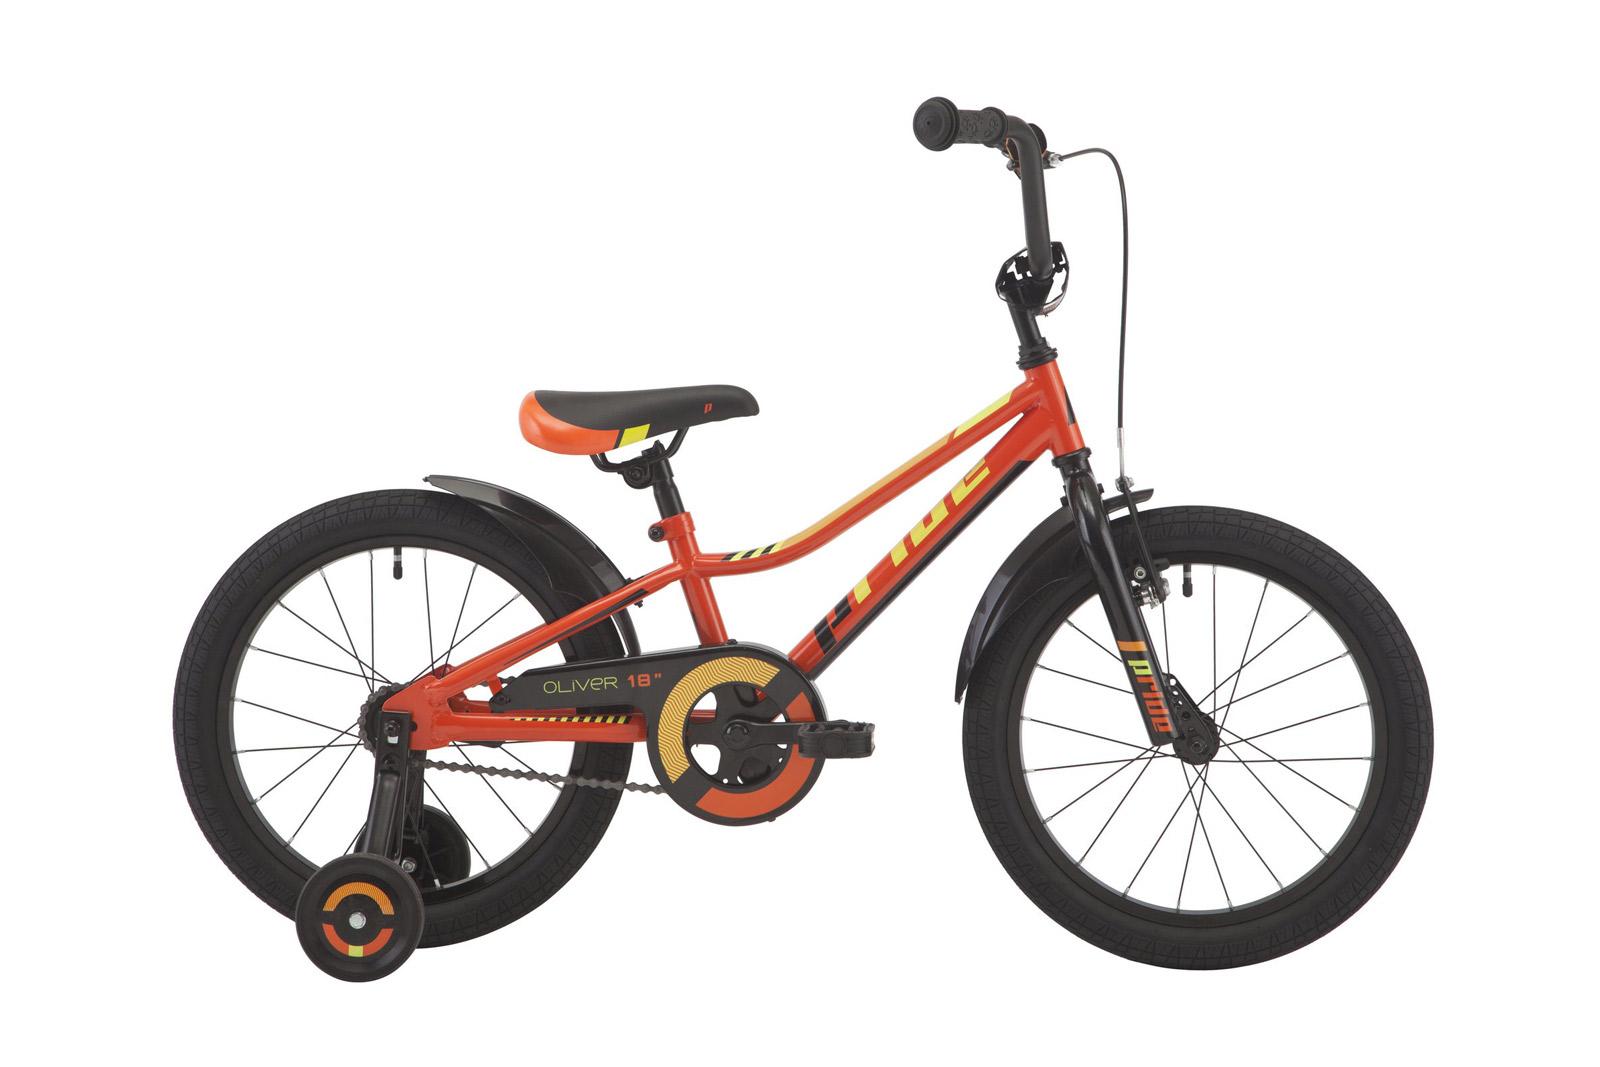 Велосипед PRIDE Oliver Orange/Black